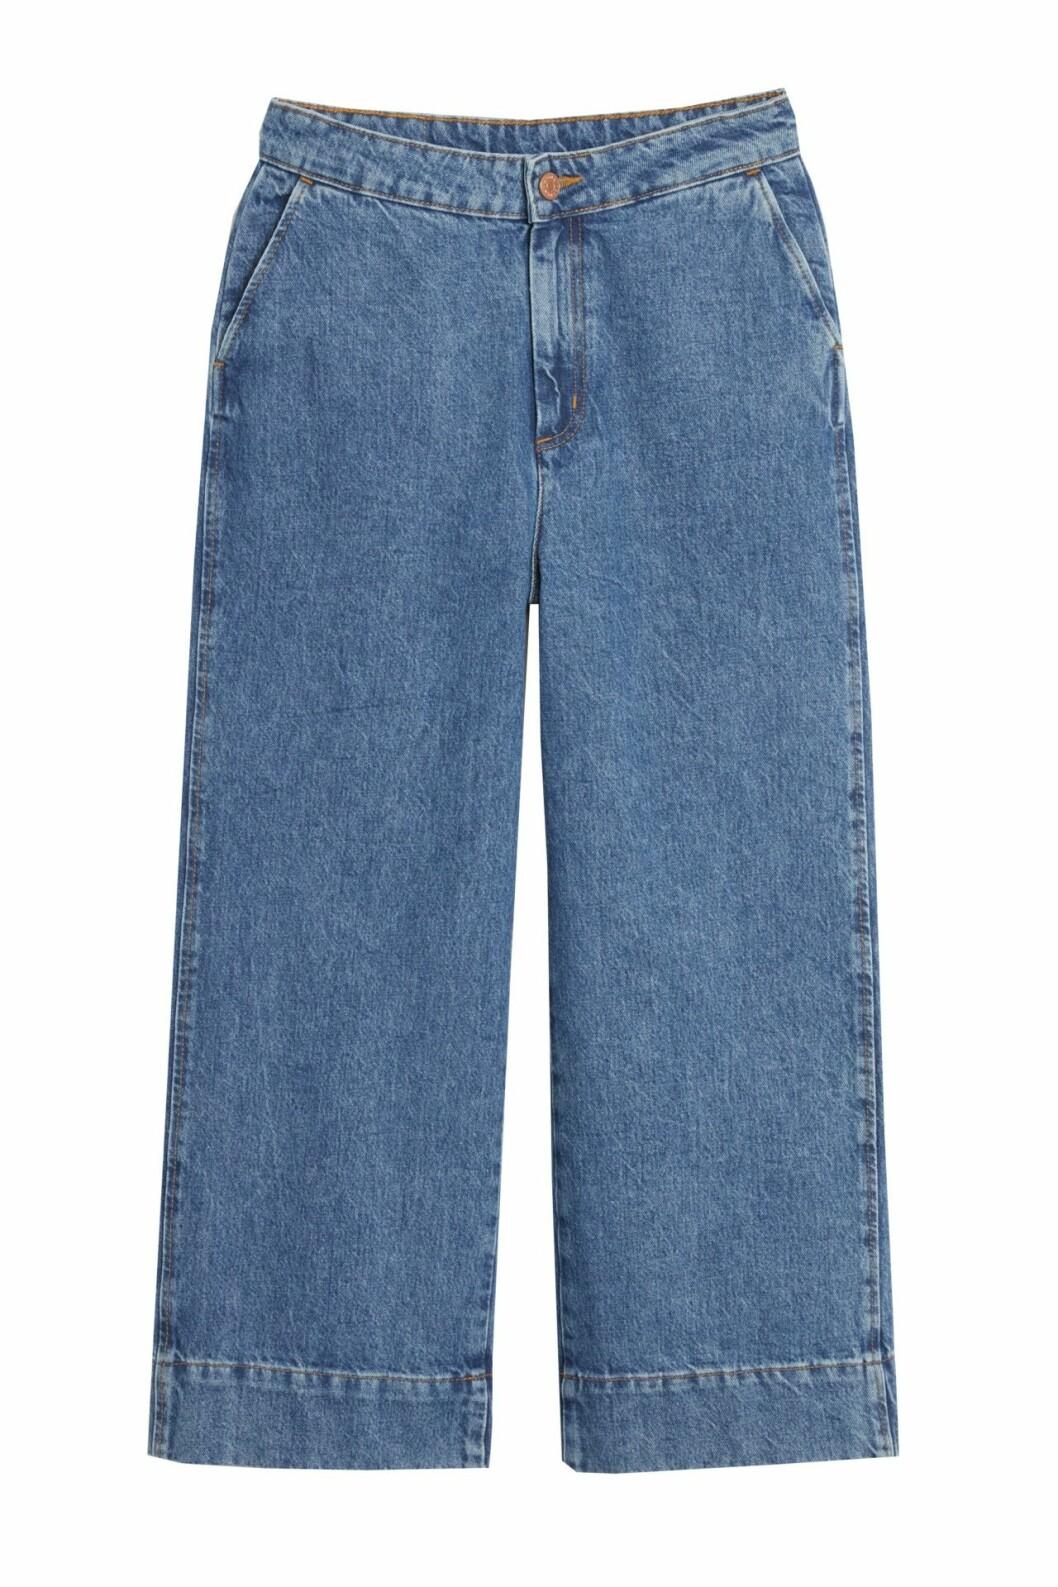 Vida jeans till hösten